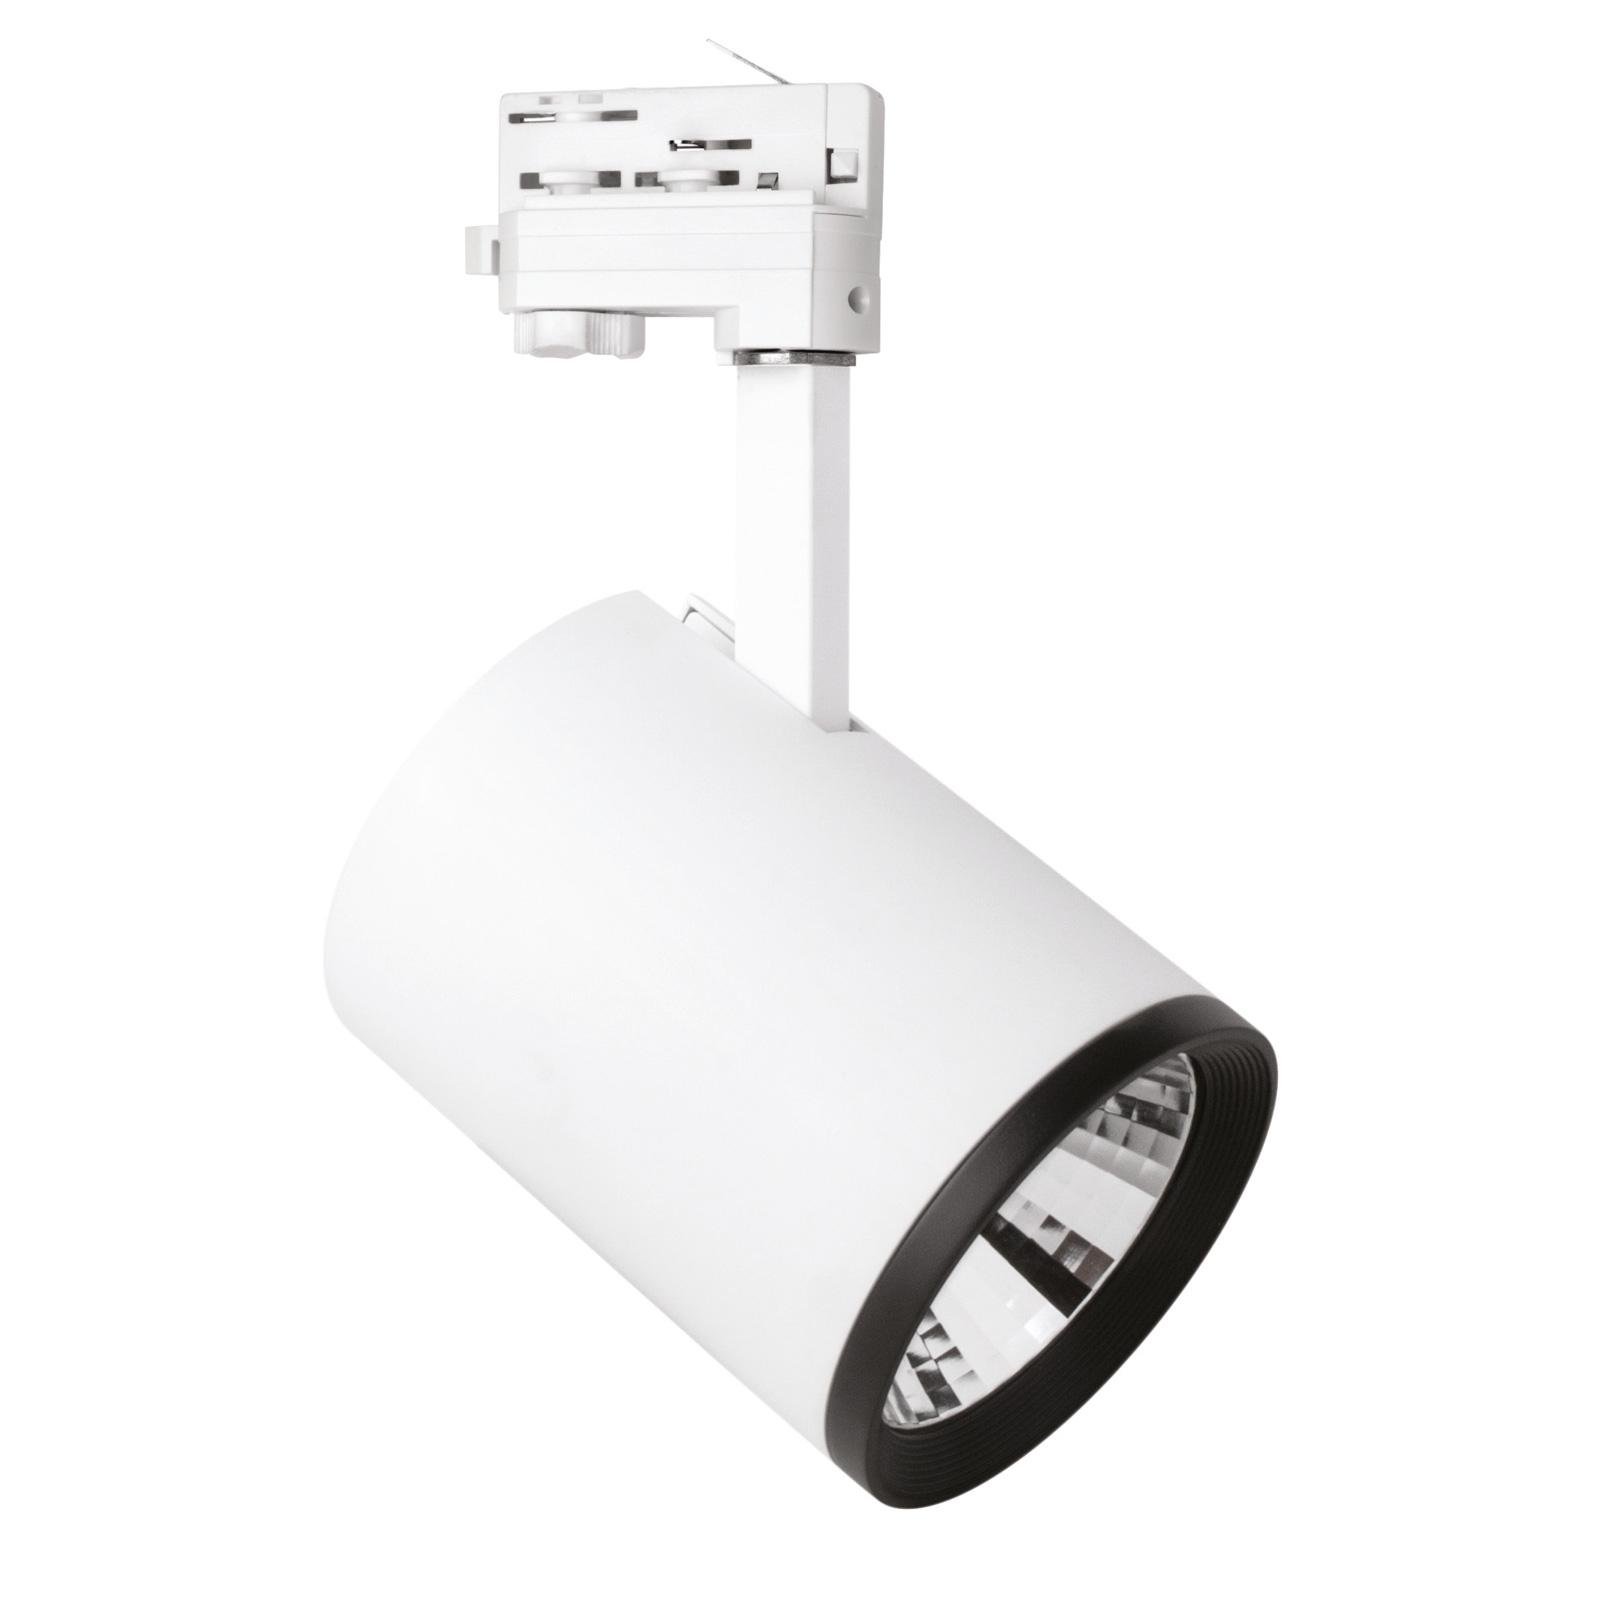 LED-spotti Marco 3-vaihekiskoon, valkoinen 4 000 K